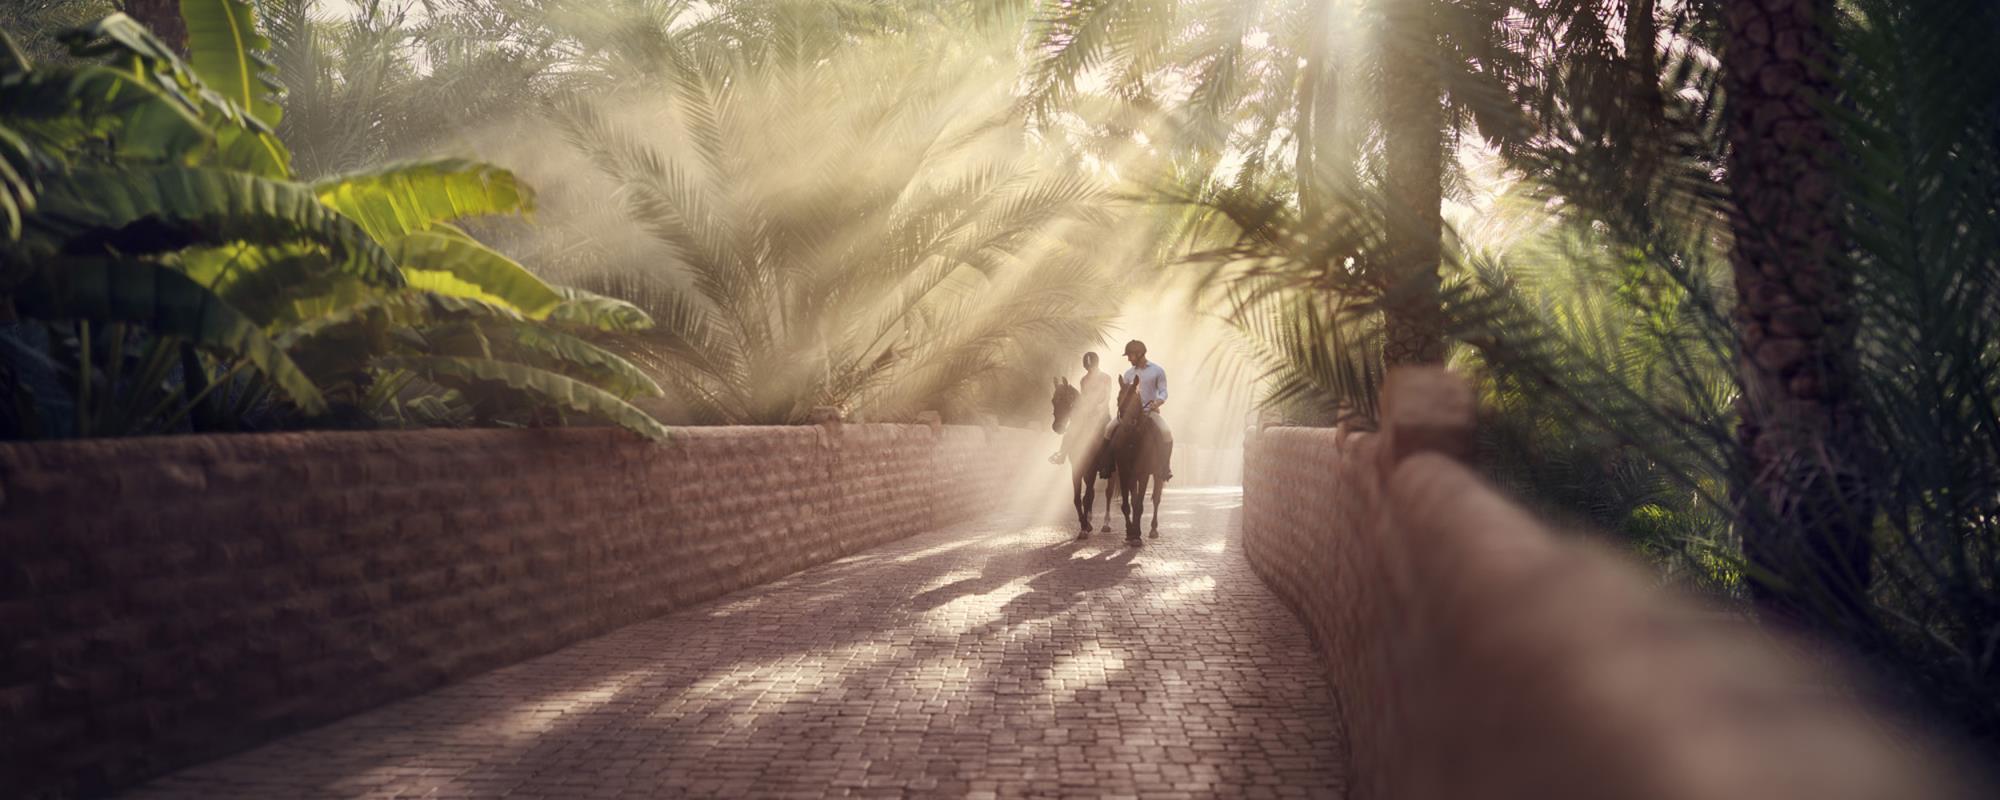 Al Ain Oasis Events Visitabudhabi Ae